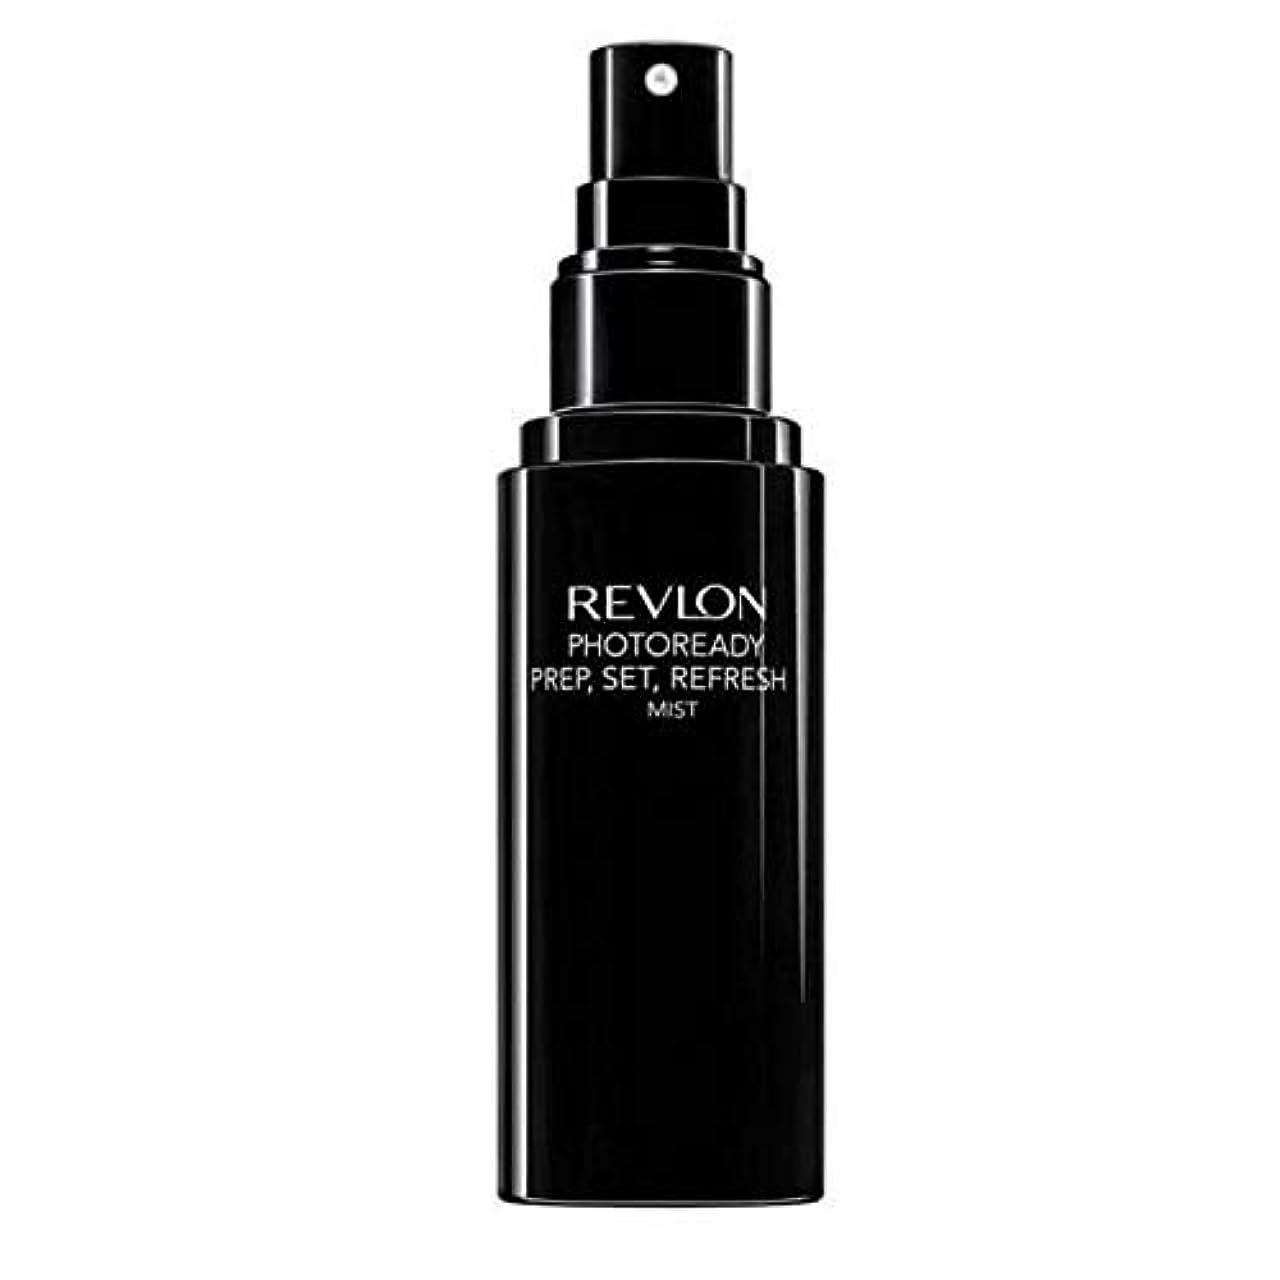 穿孔するその後直径[Revlon ] レブロンPhotoready準備、セット、リフレッシュミスト - Revlon PhotoReady Prep, Set, Refresh Mist [並行輸入品]